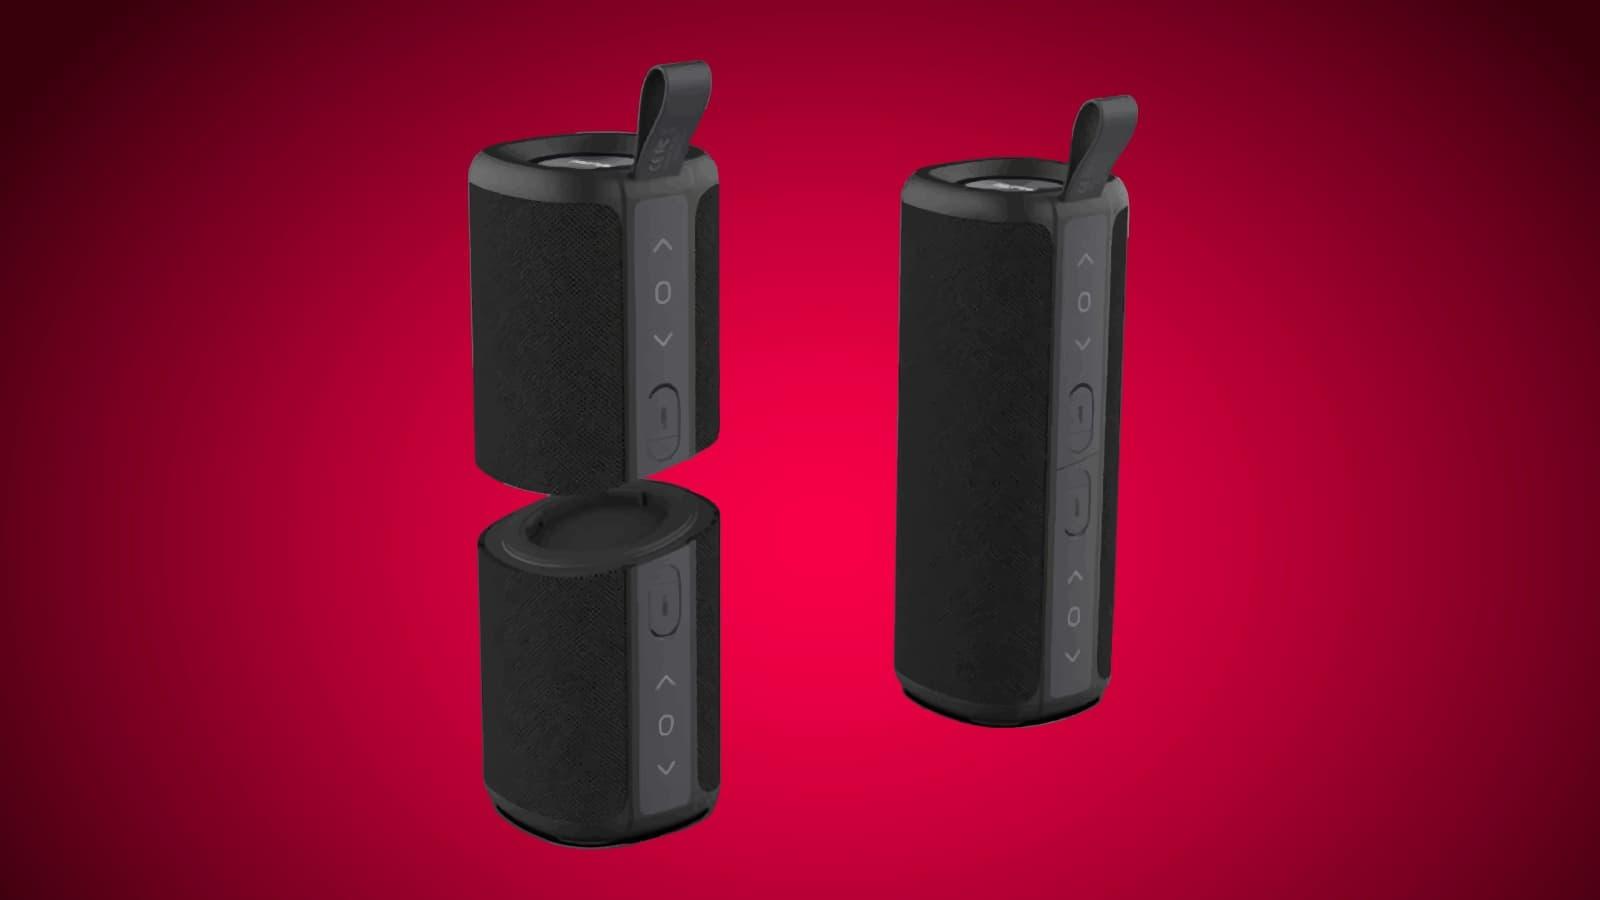 Passez à la 5G et offrez-vous une enceinte Bluetooth en prime